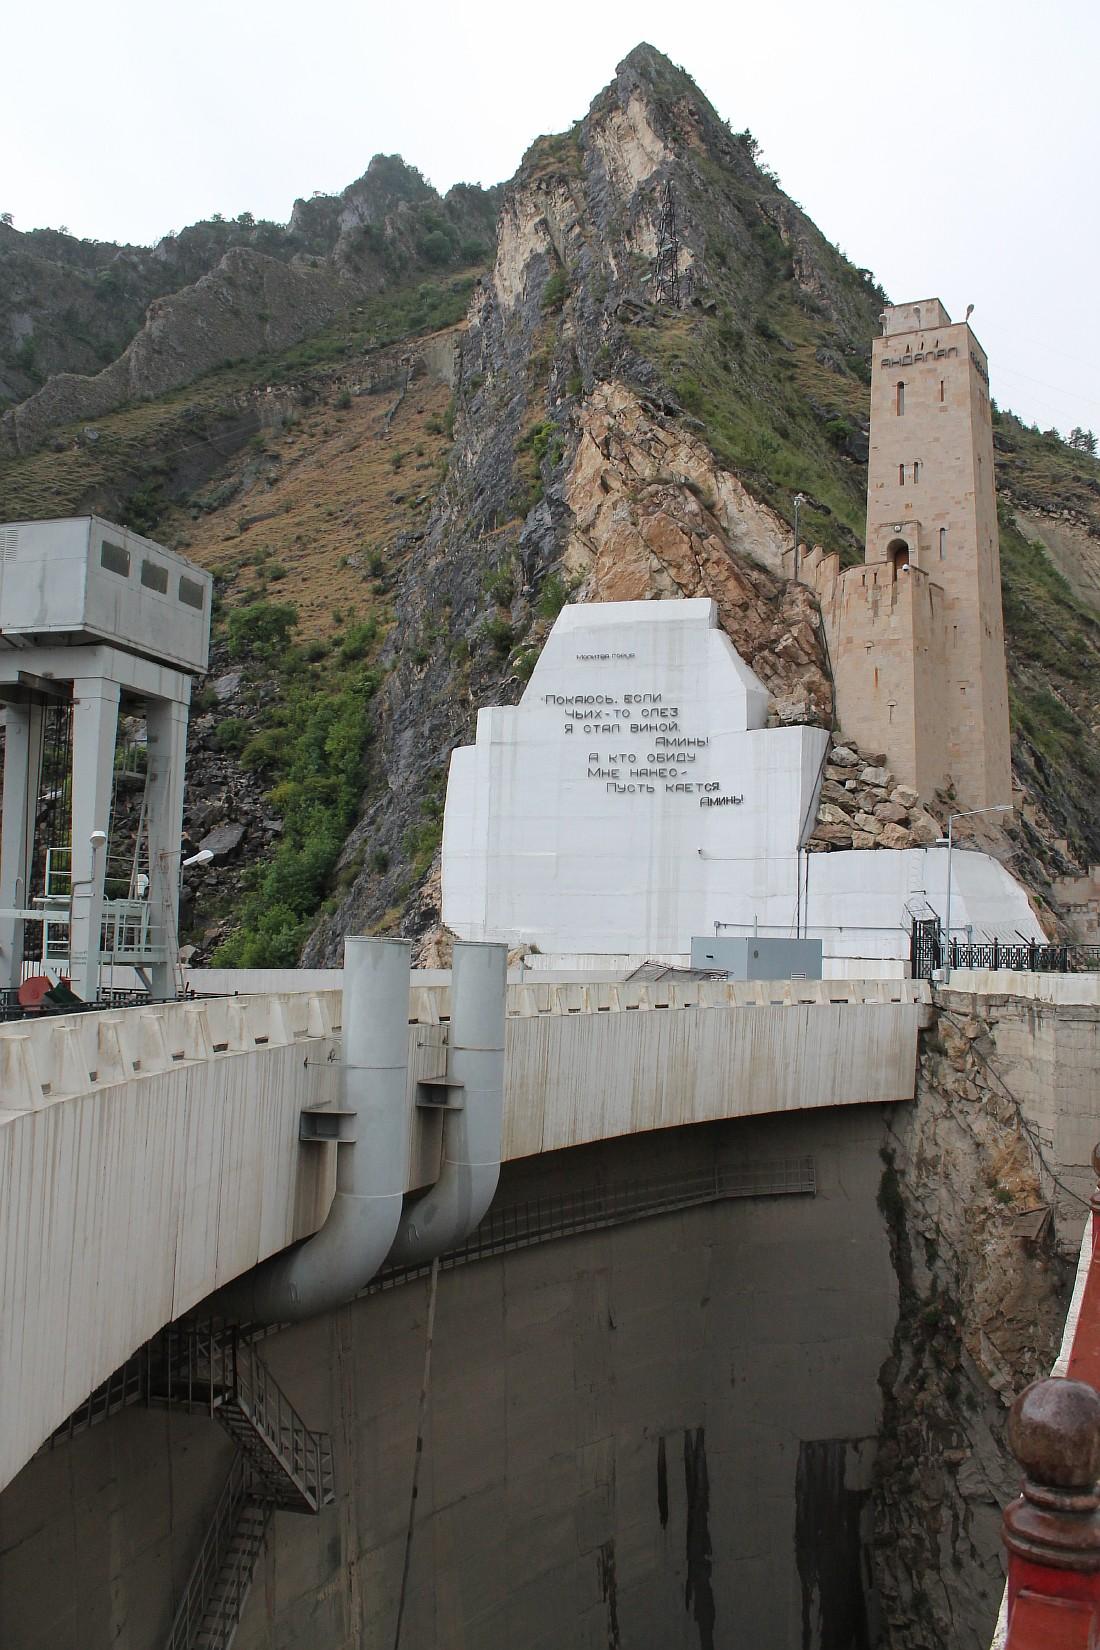 Дагестан, Аксанов Нияз, блог-тур, kukmor, фотография, Россия, ГЭС, гидроэнергетика, Гунибская ГЭС, Русгидро, 2012г,  of IMG_7779